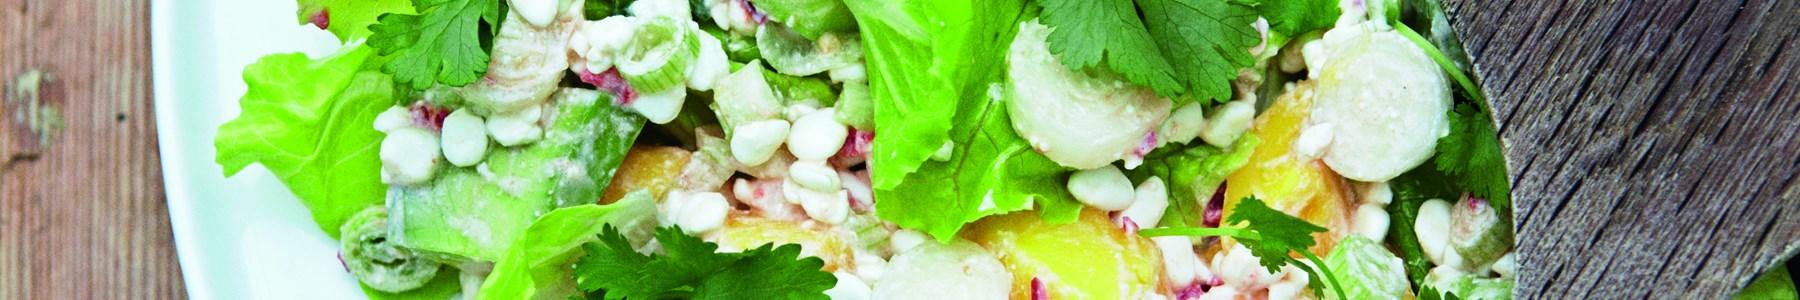 Hurtig + Salater + Forretter + Efterår